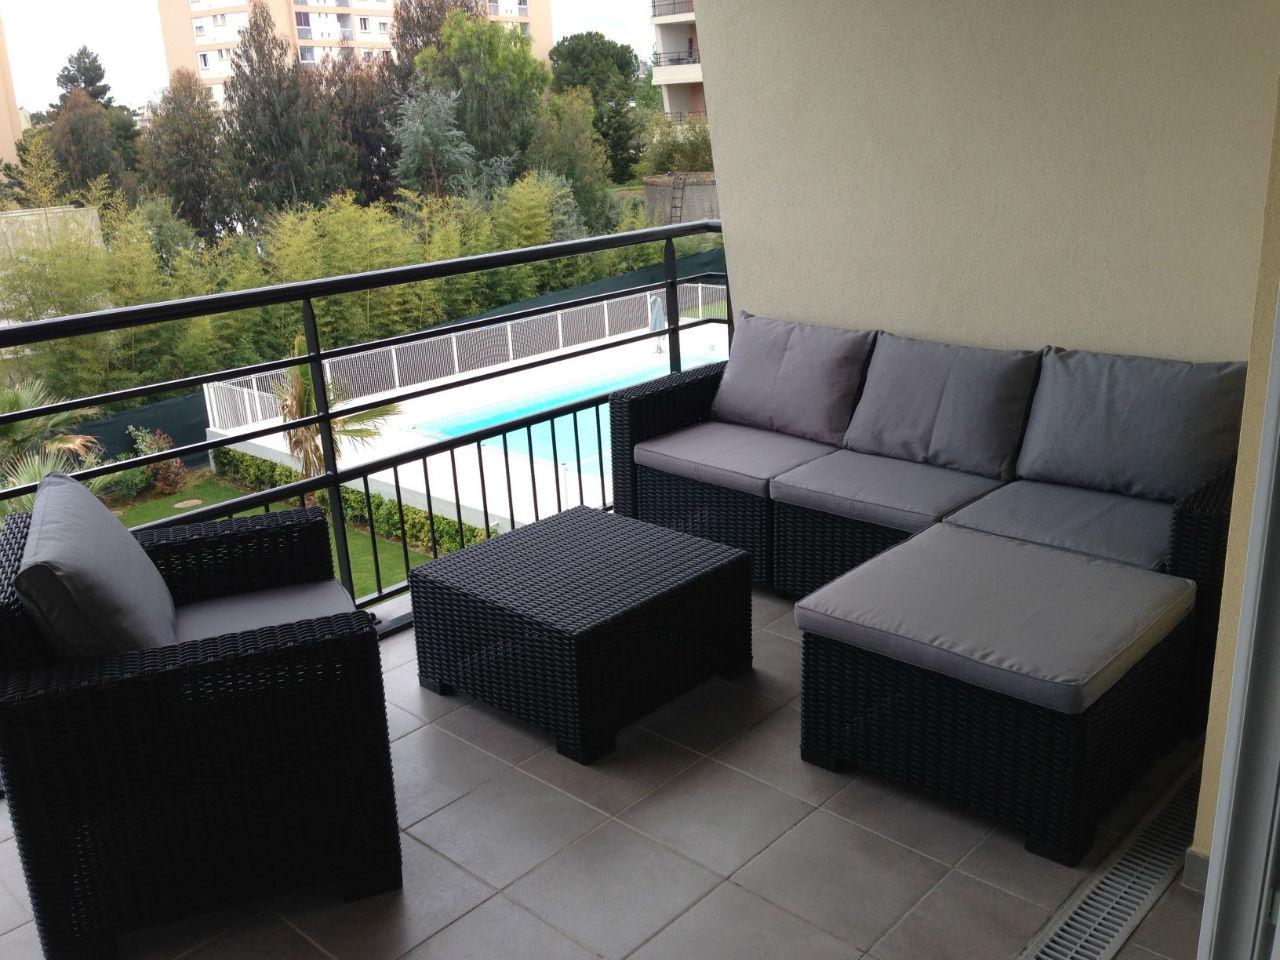 Salon de jardin sur balcon - Mailleraye.fr jardin